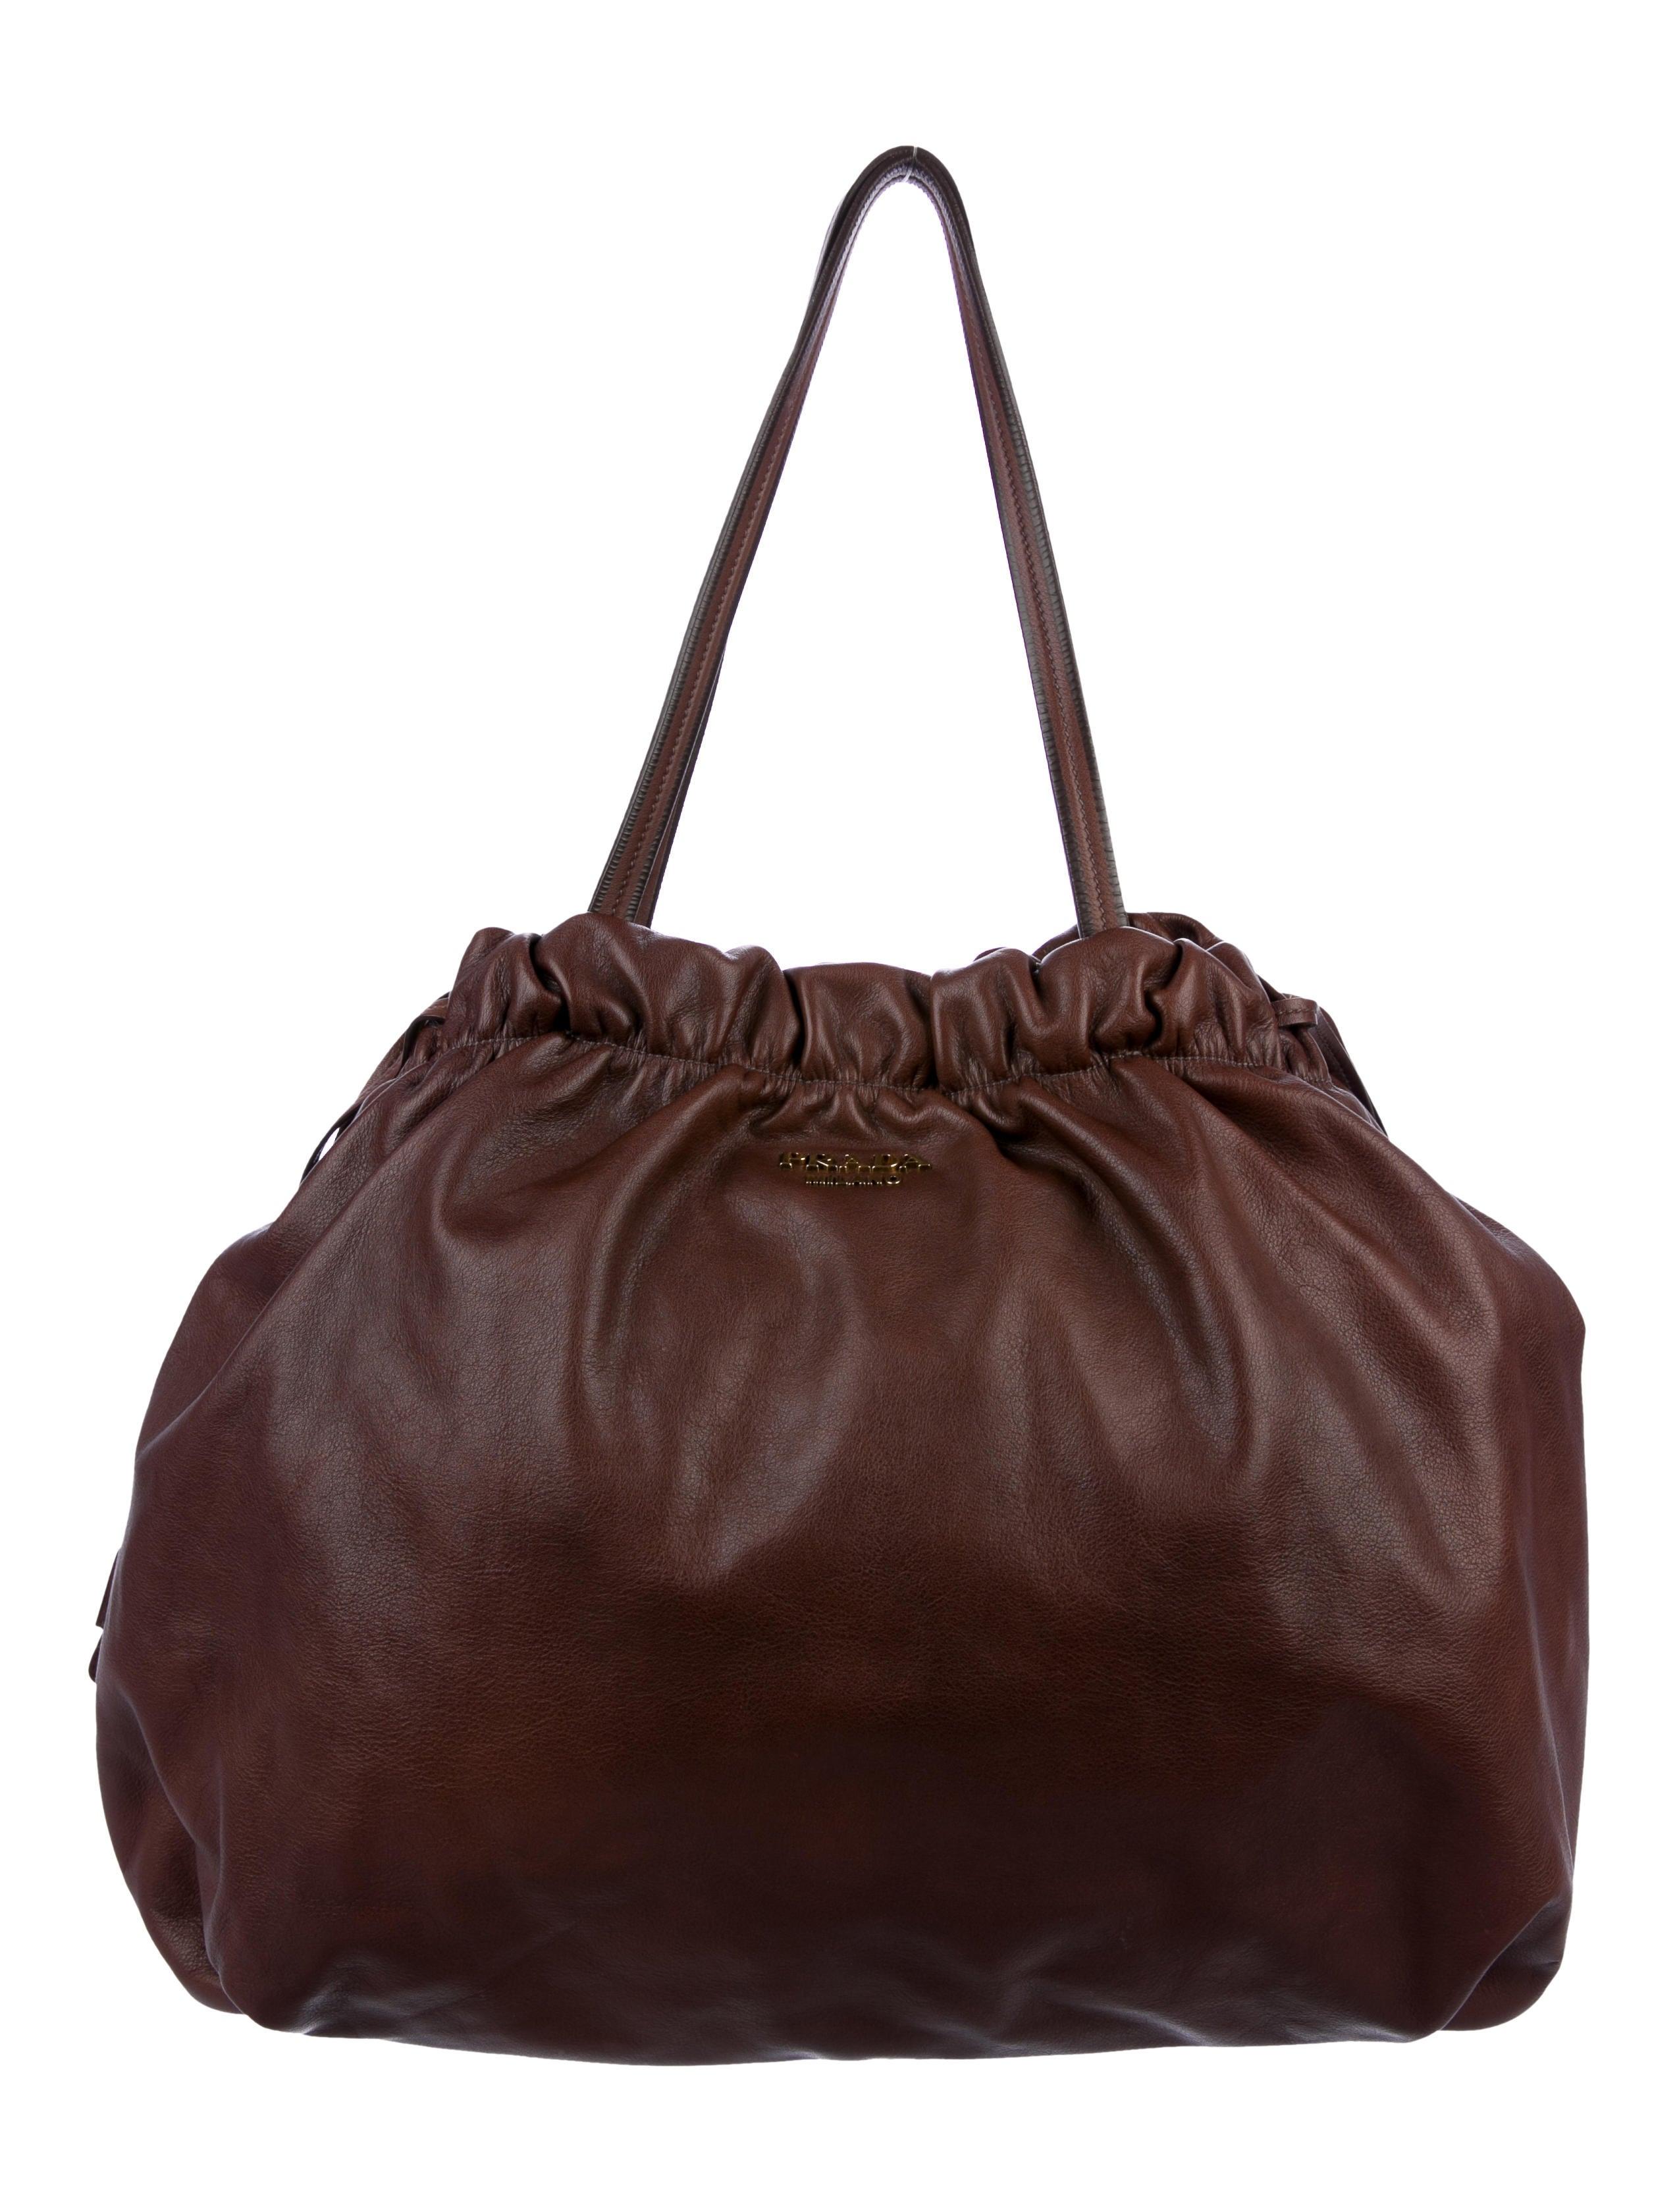 601d3c4a7292 Prada Soft Calf Tote - Handbags - PRA220820